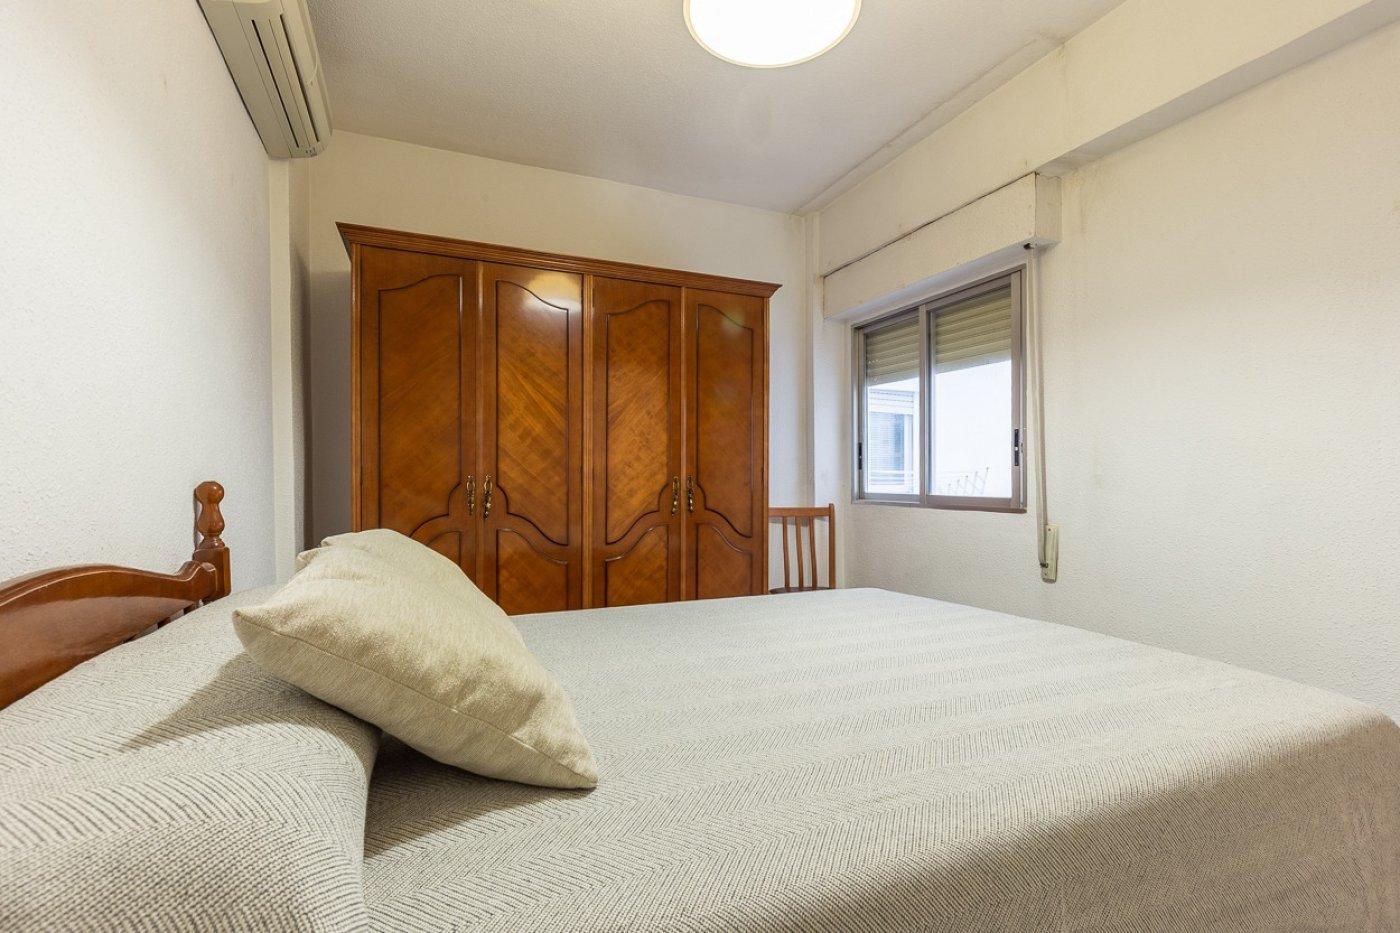 Piso de 2 dormitorios (3 de origen), en pleno centro de Benidorm. A 500 metros de la playa. 11